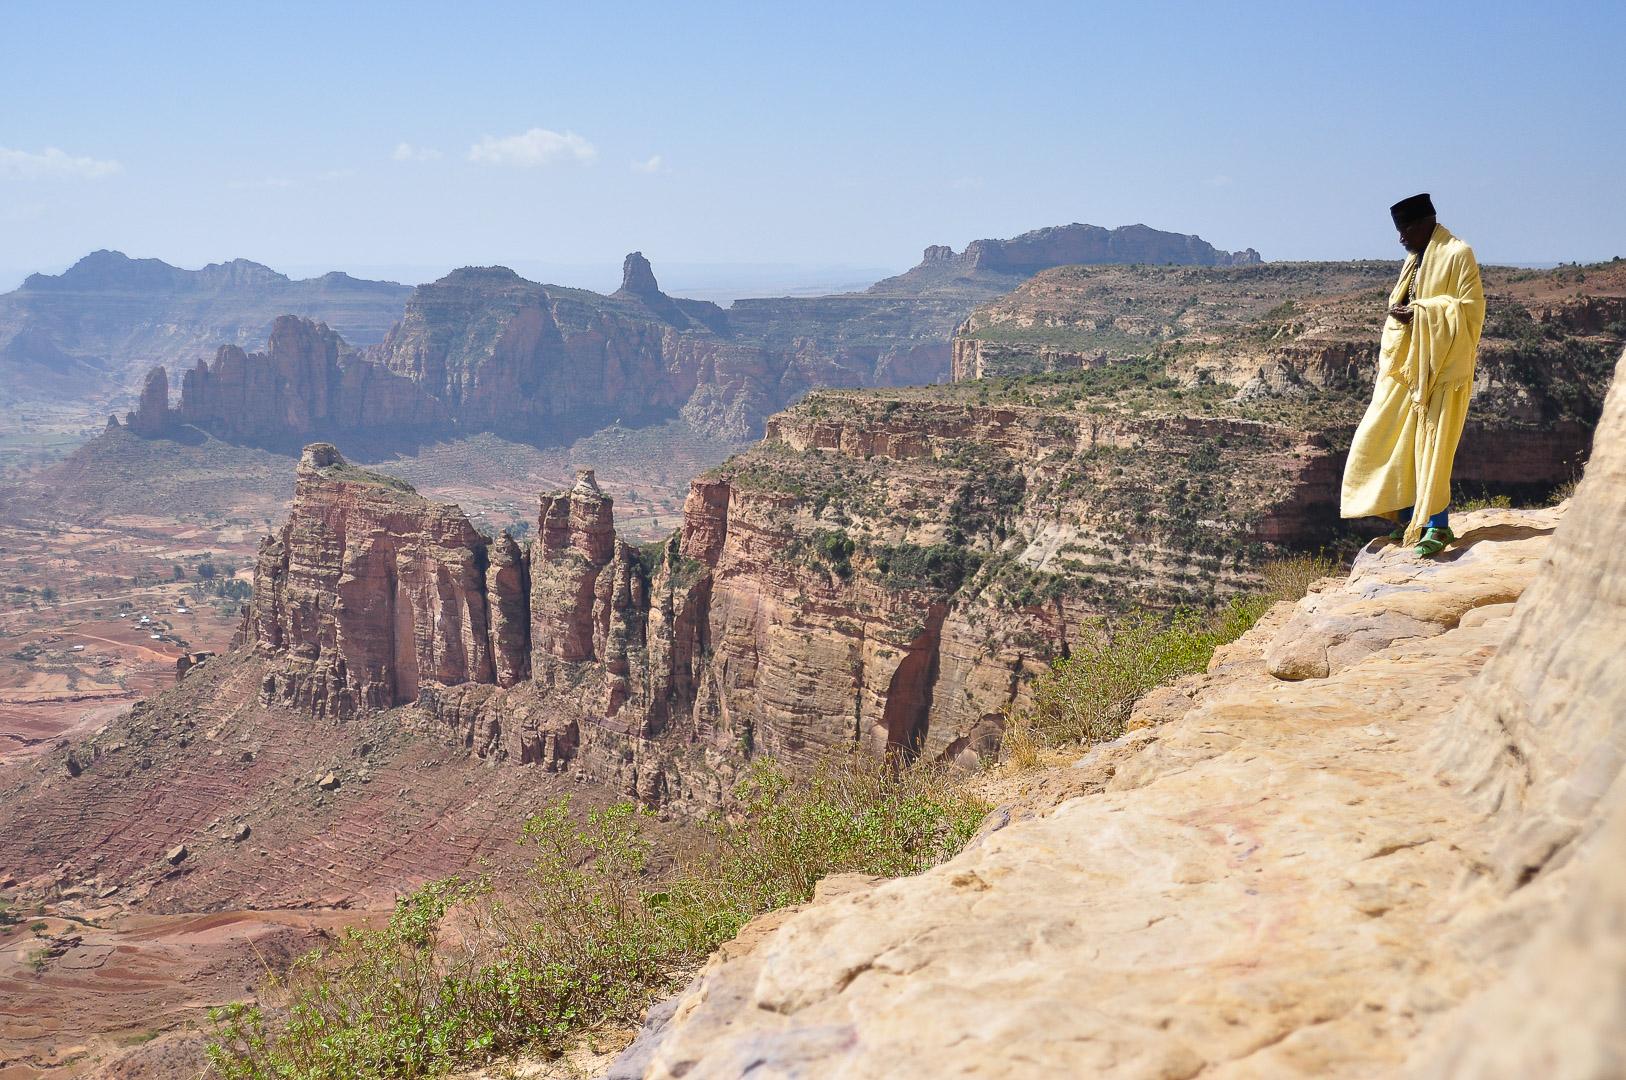 Moine Ethiopie Gheralta